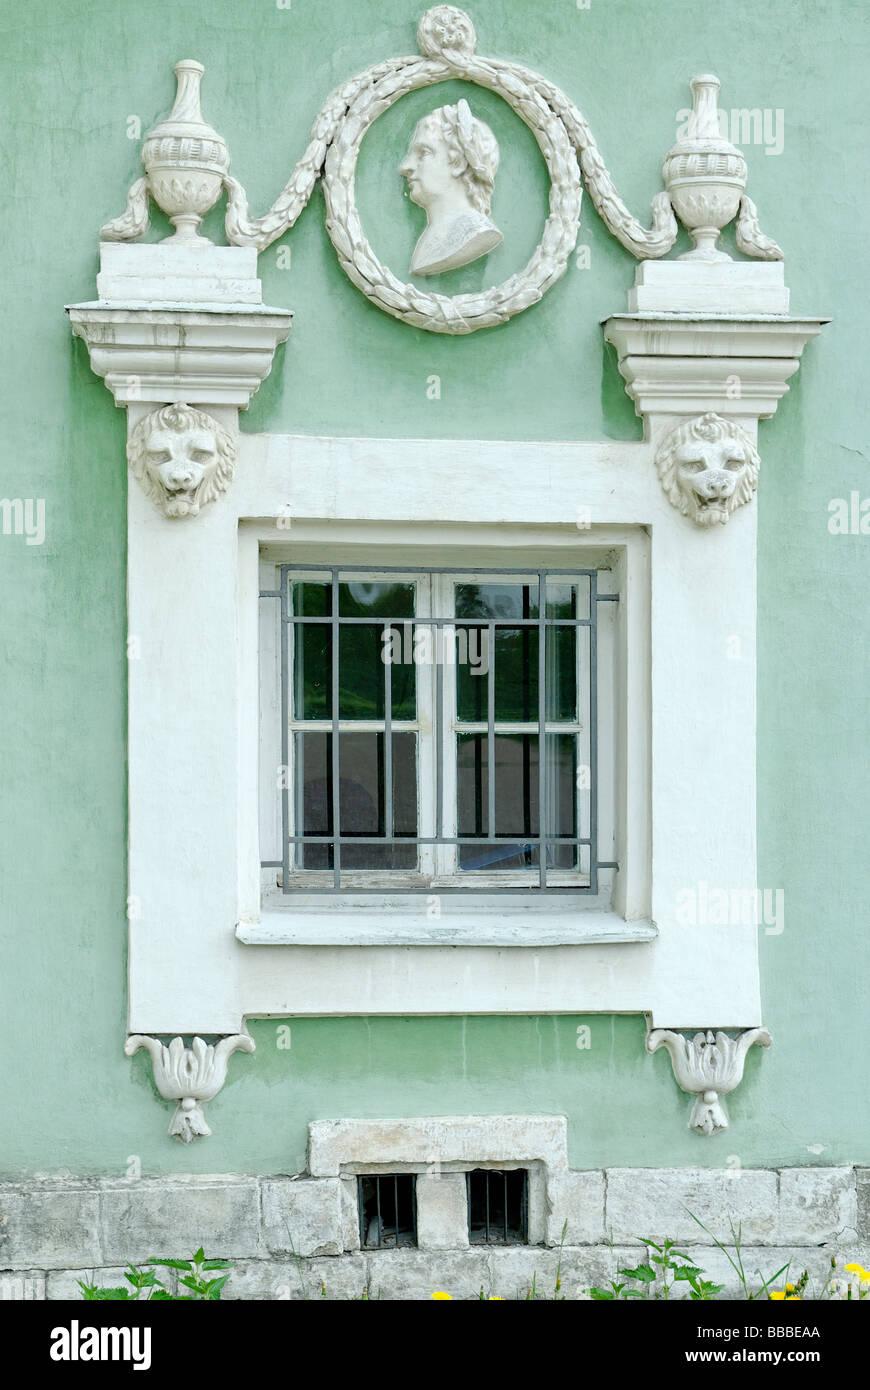 Haus aus dem Fenster der alten 18 Jahrhundert Stockbild